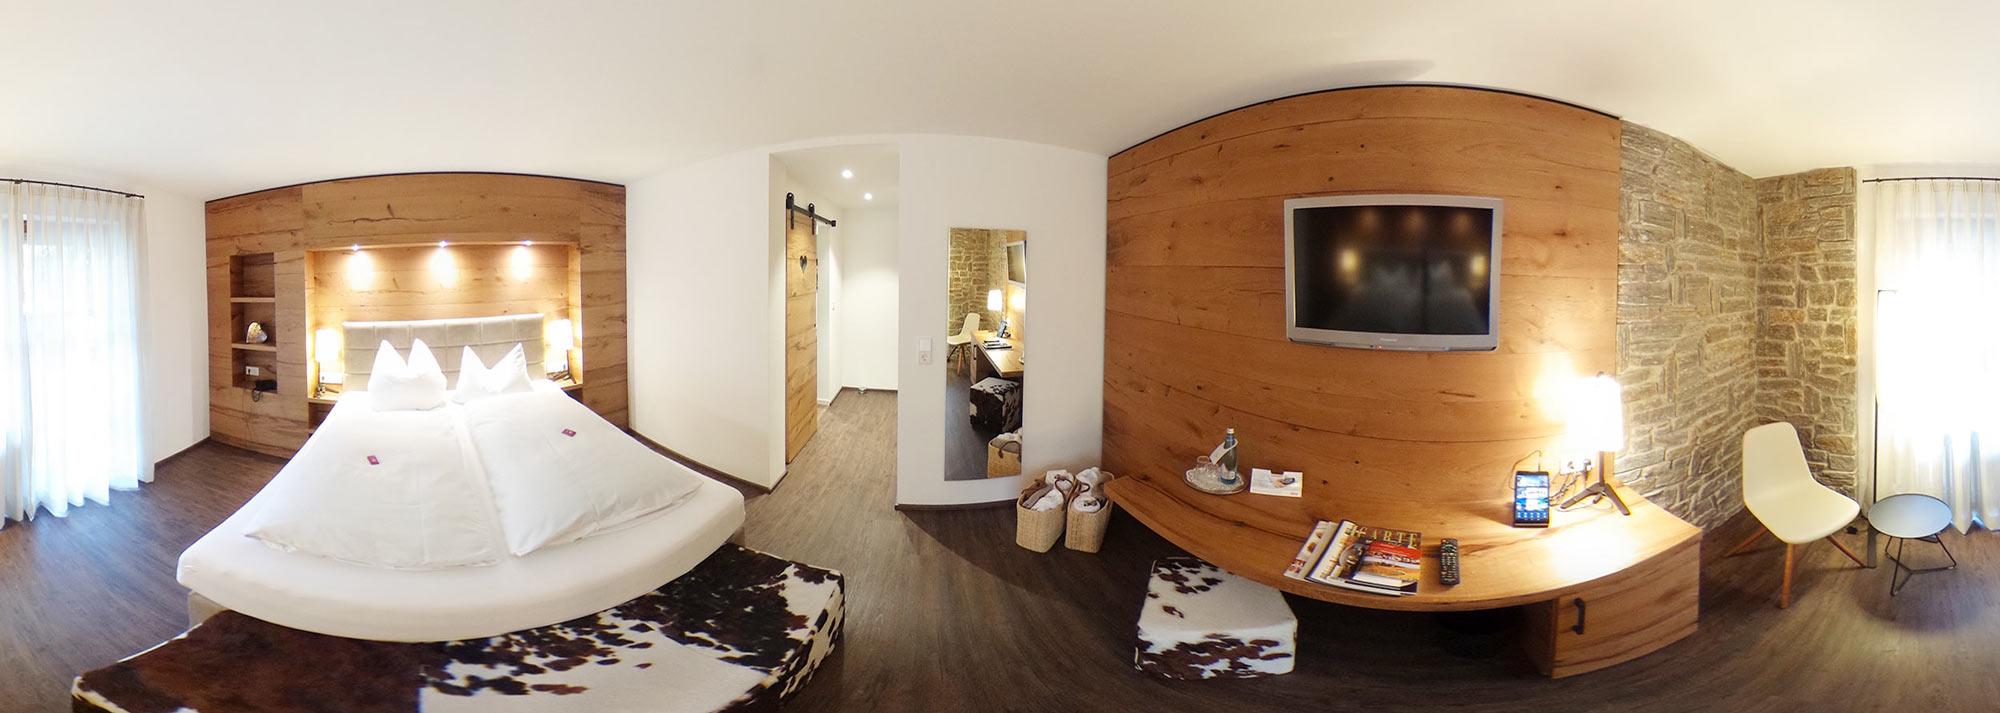 360 Grad Rundgang für Hotel und Gastronomie